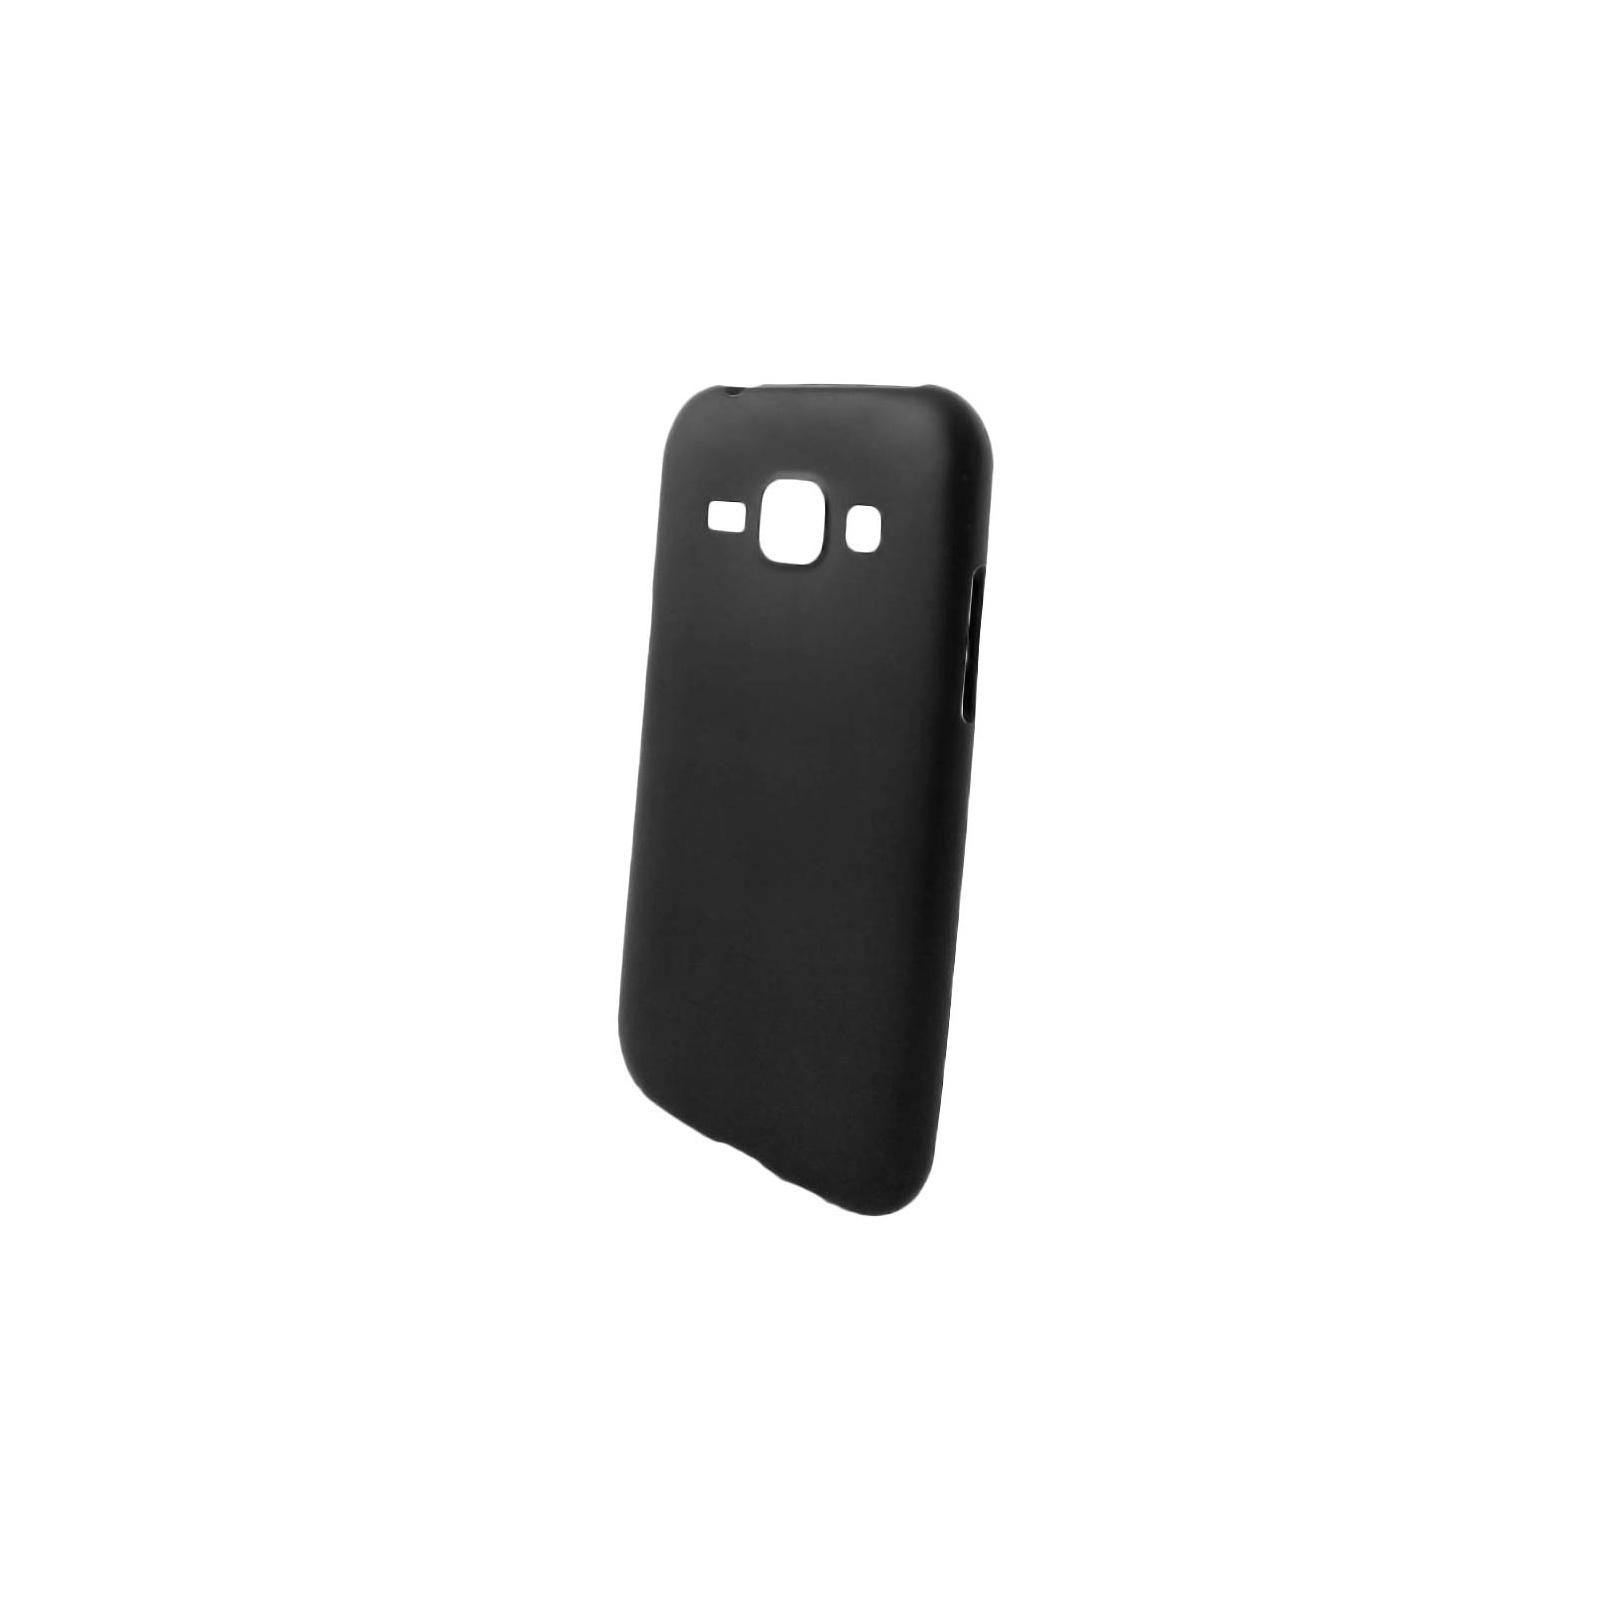 Чехол для моб. телефона GLOBAL для Samsung J100 Duos (черный) (1283126467653)